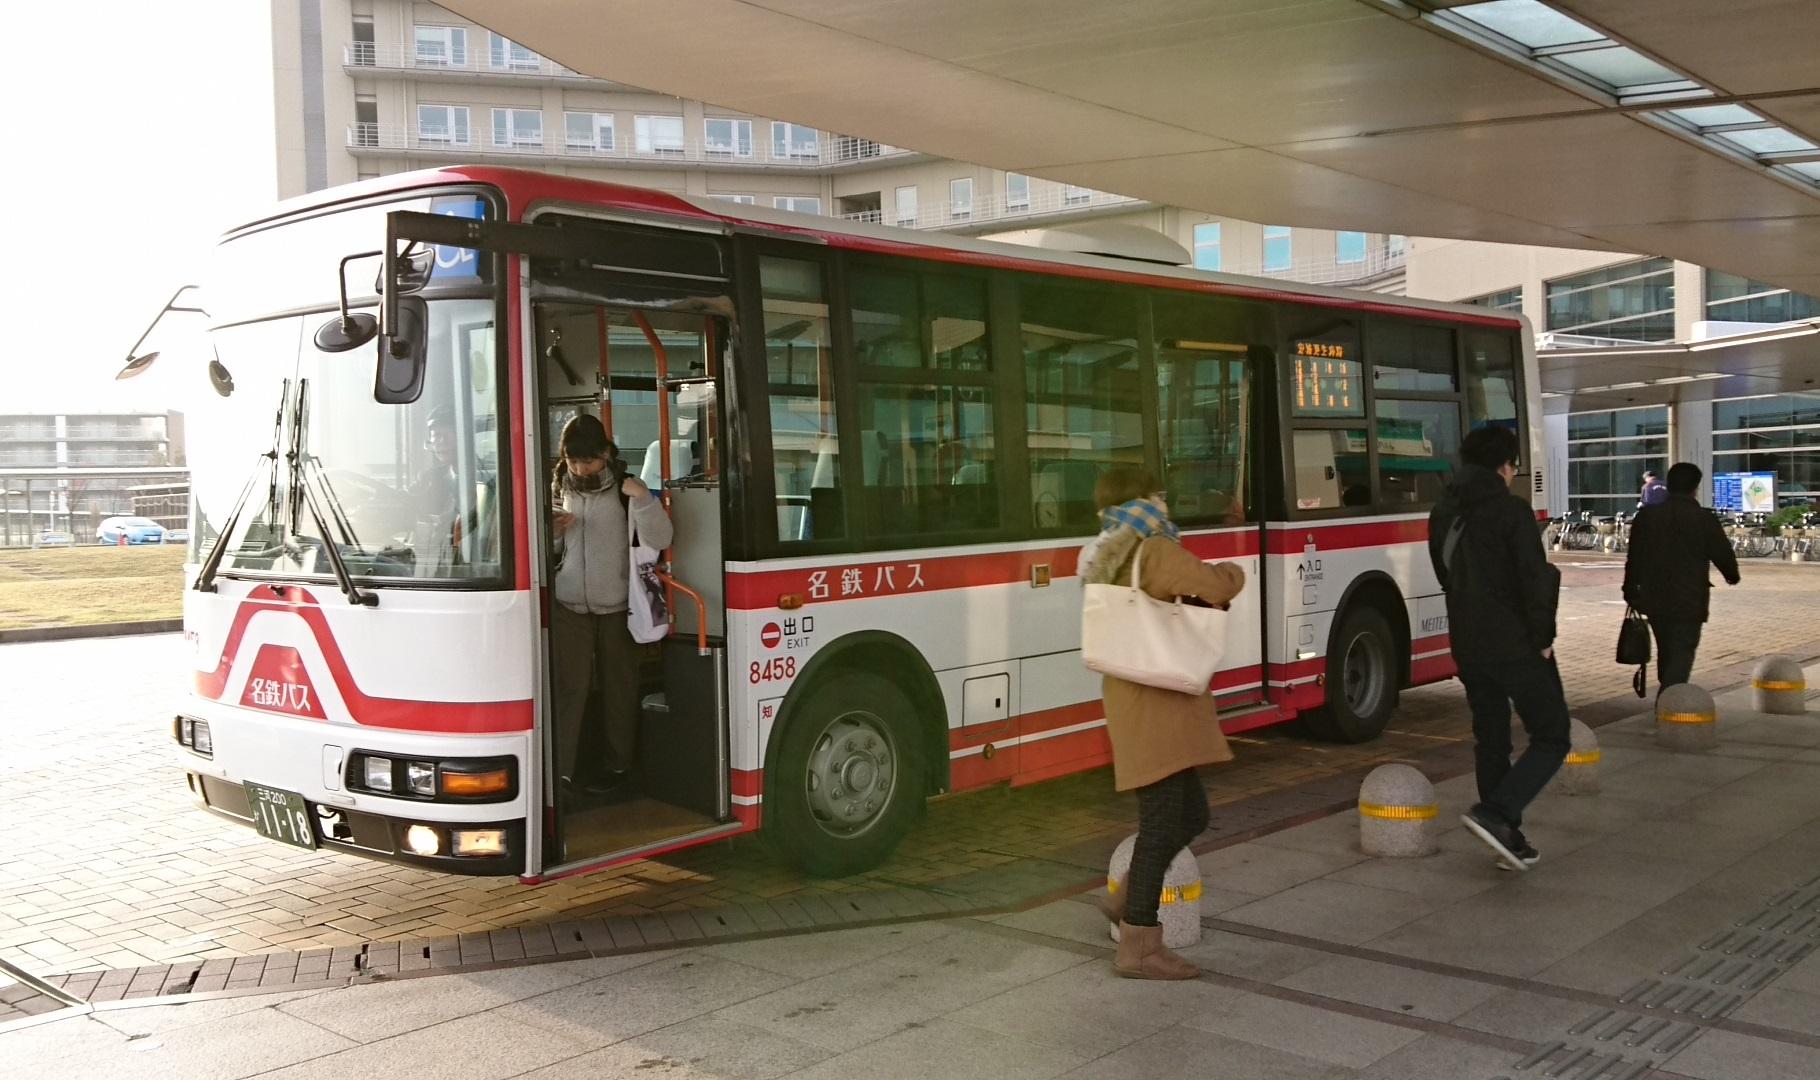 2016.11.25 (1) 更生病院 - 名鉄バス 1820-1080